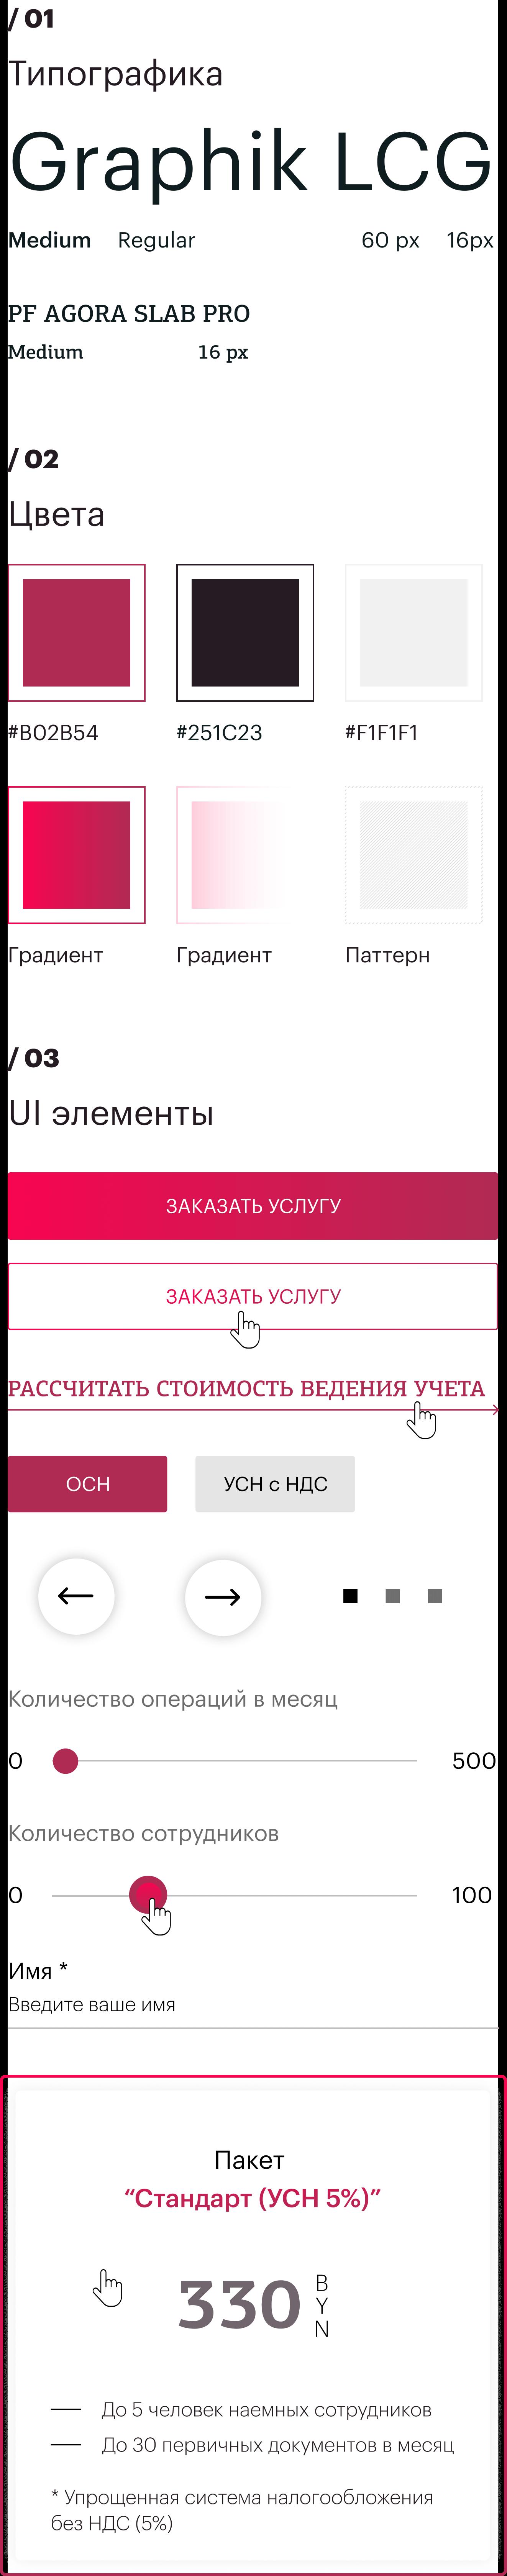 Создание сайта и разработка дизайна для отдела по г. Бресту и Брестской обл. бухгалтерской компании 5